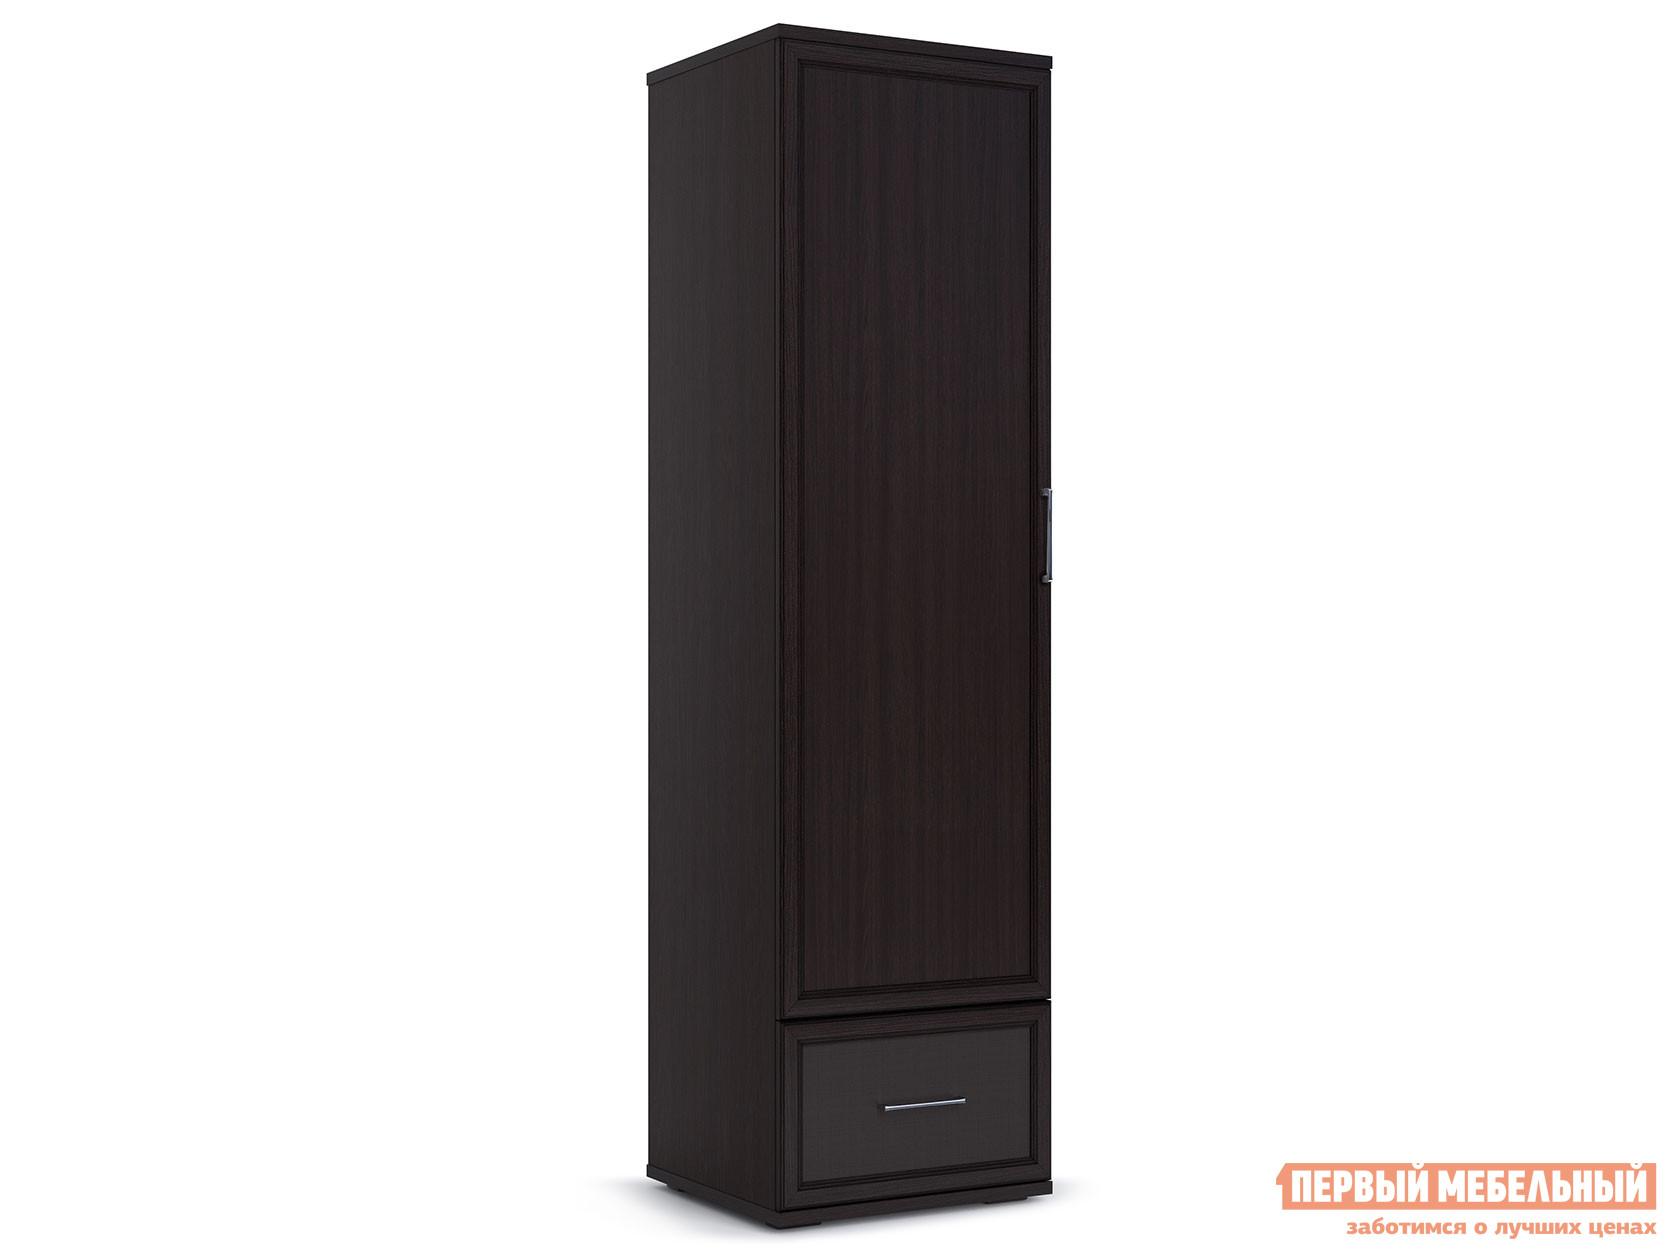 Распашной шкаф Первый Мебельный Шкаф для одежды Палермо недорого